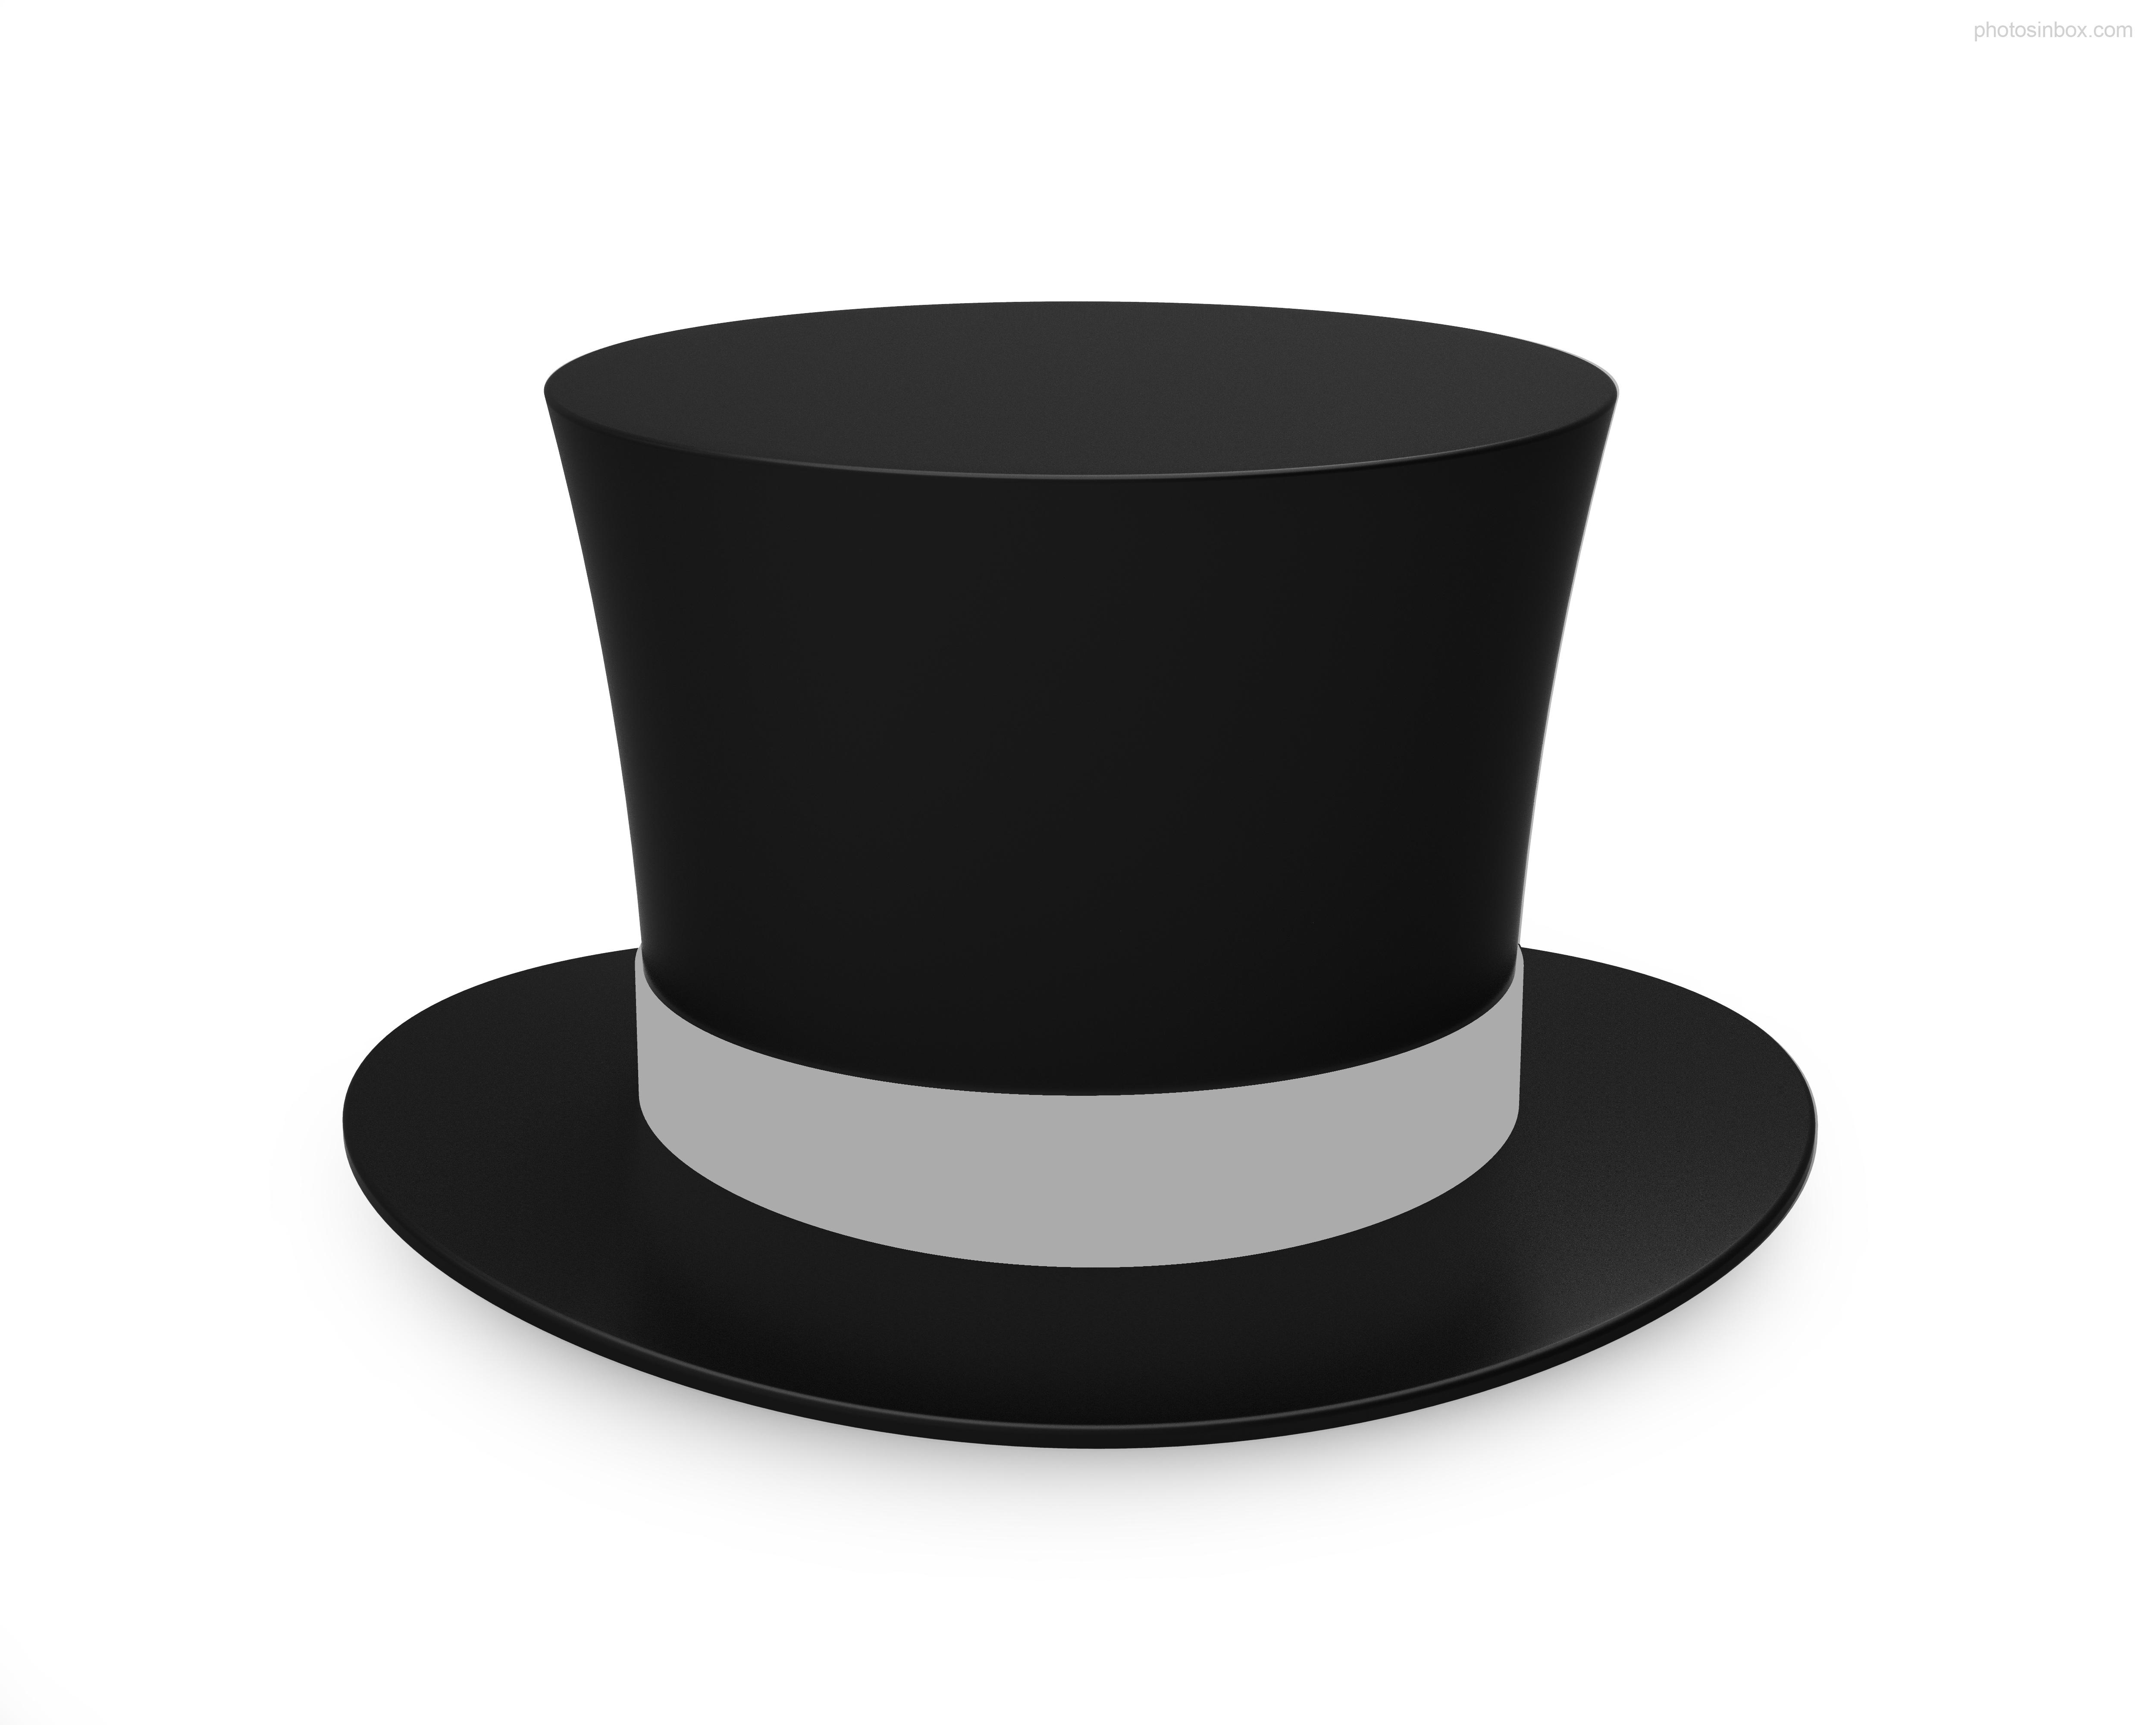 Top Hat Photosinbox